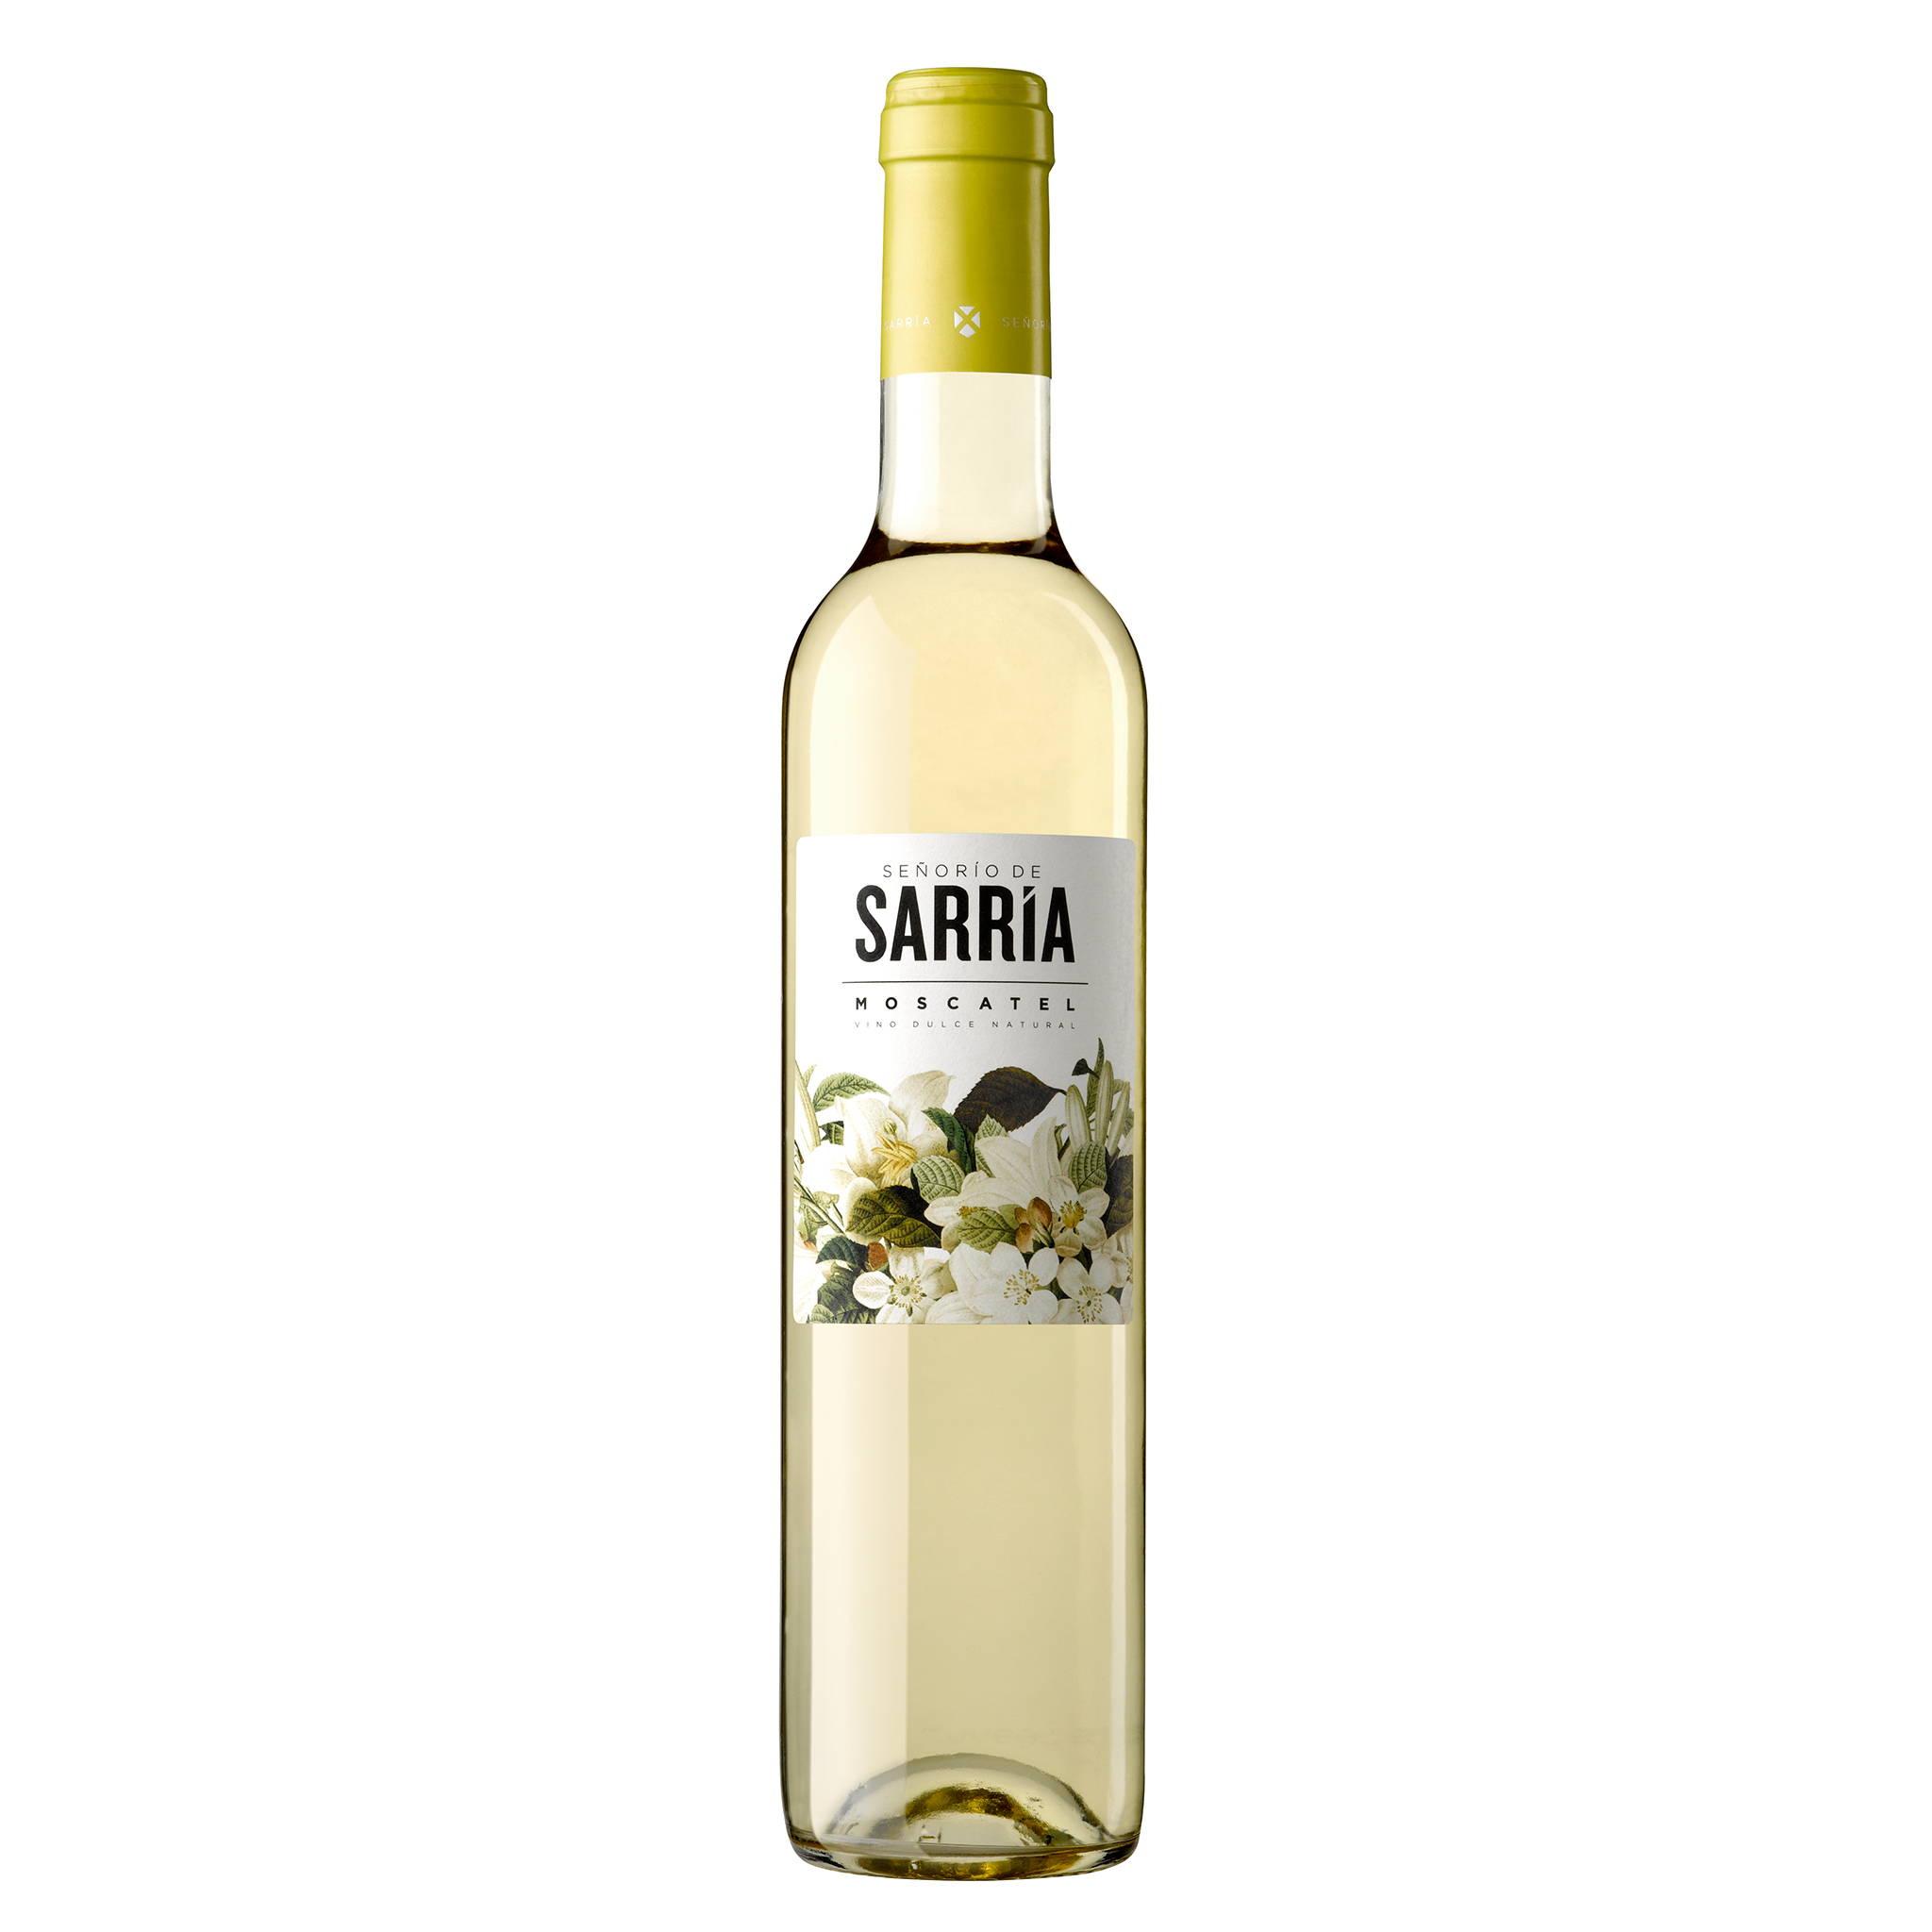 Señorío de Sarría Moscatel Spanish wines  distributed by Beviamo International in Houston, TX